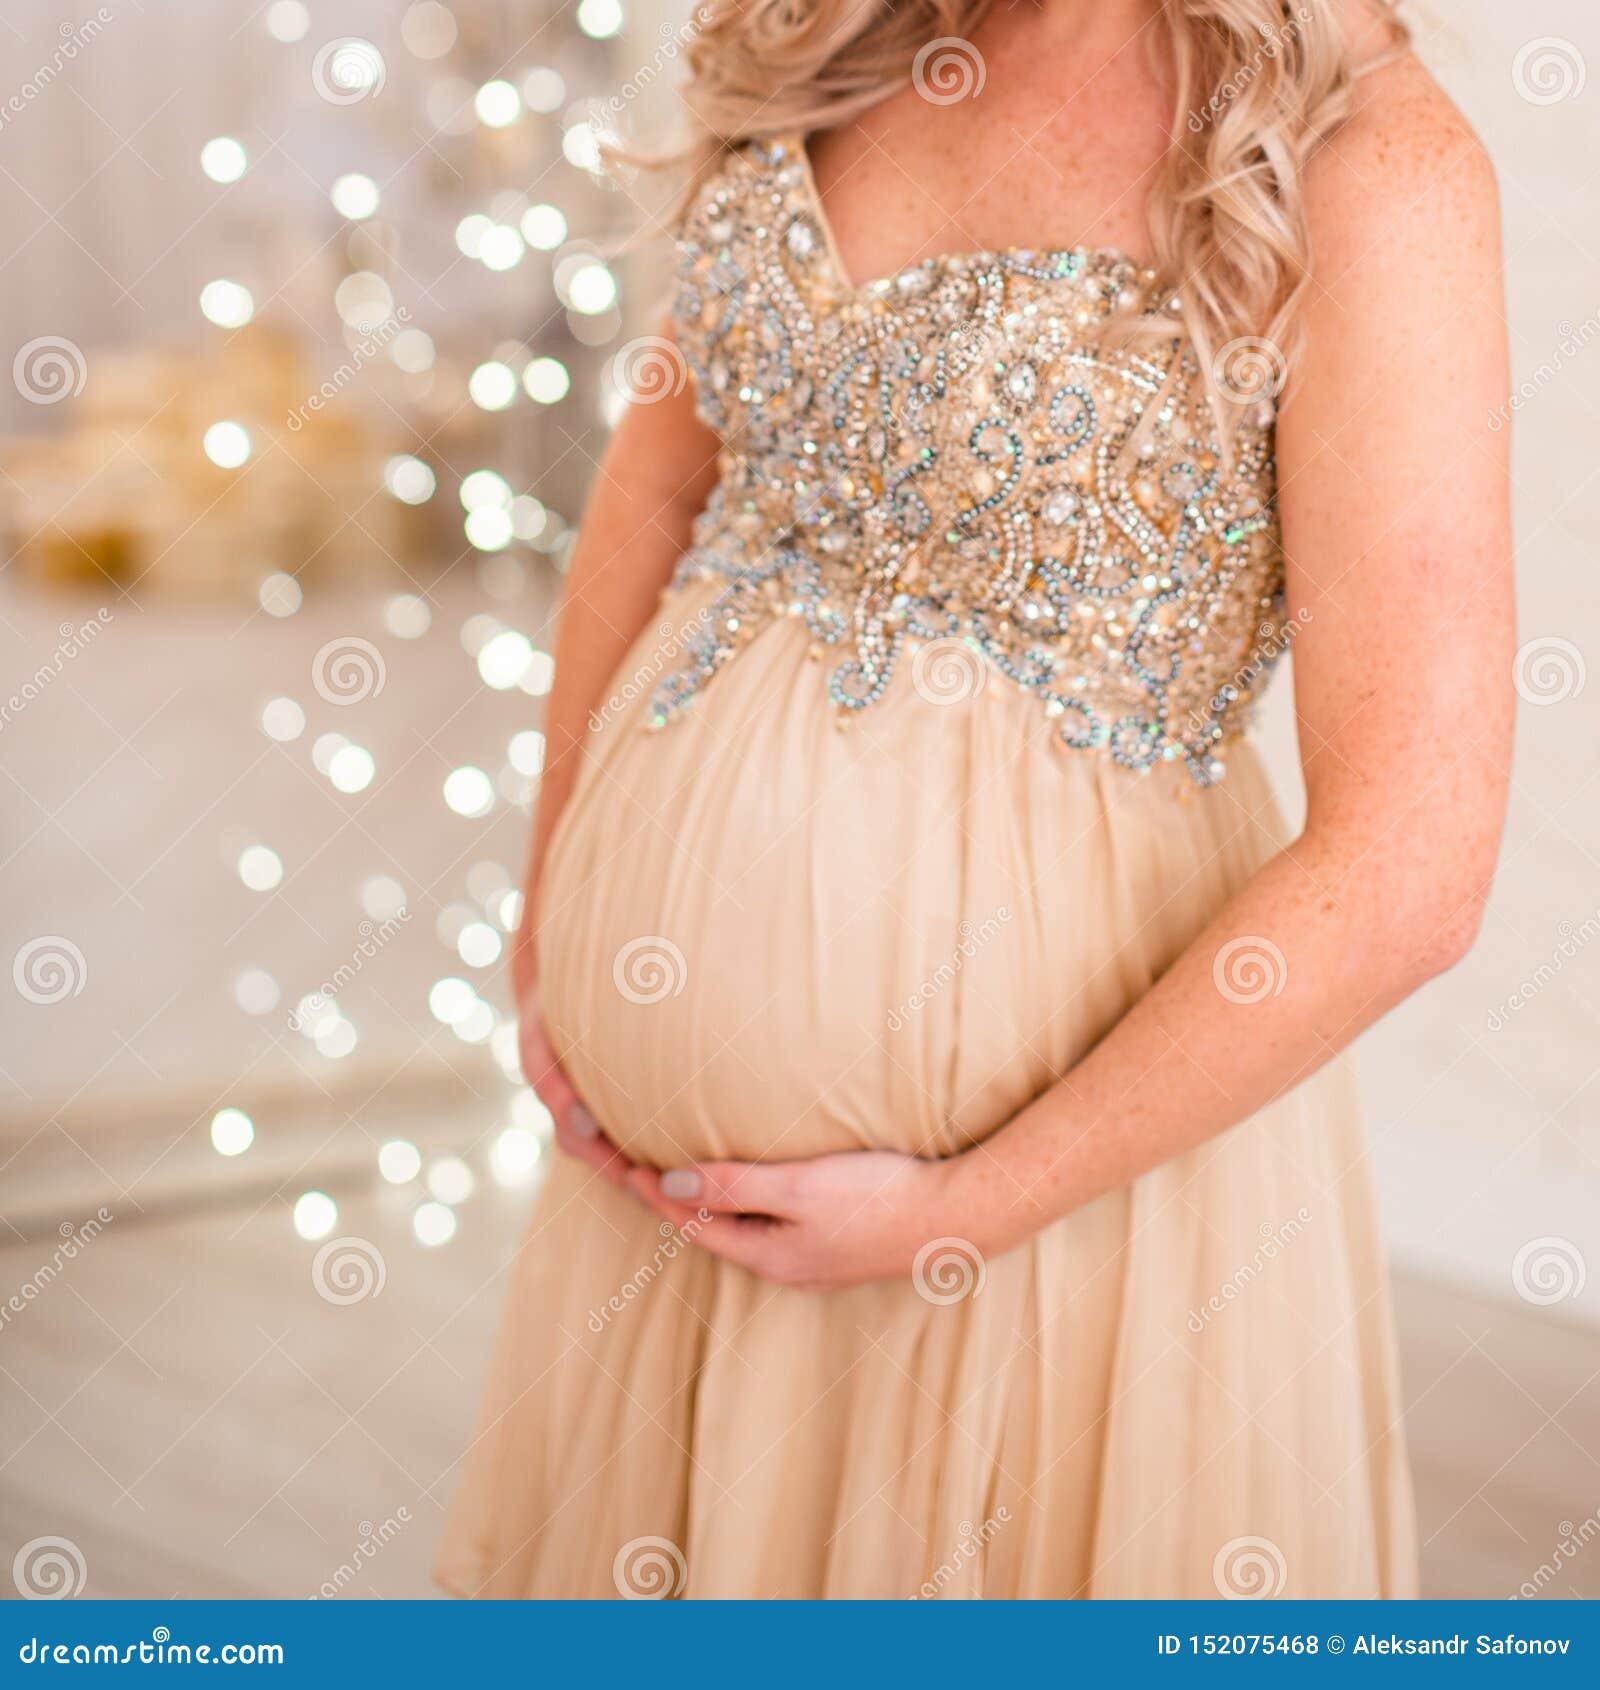 La mujer embarazada apoya un estómago grande con las manos en la parte inferior